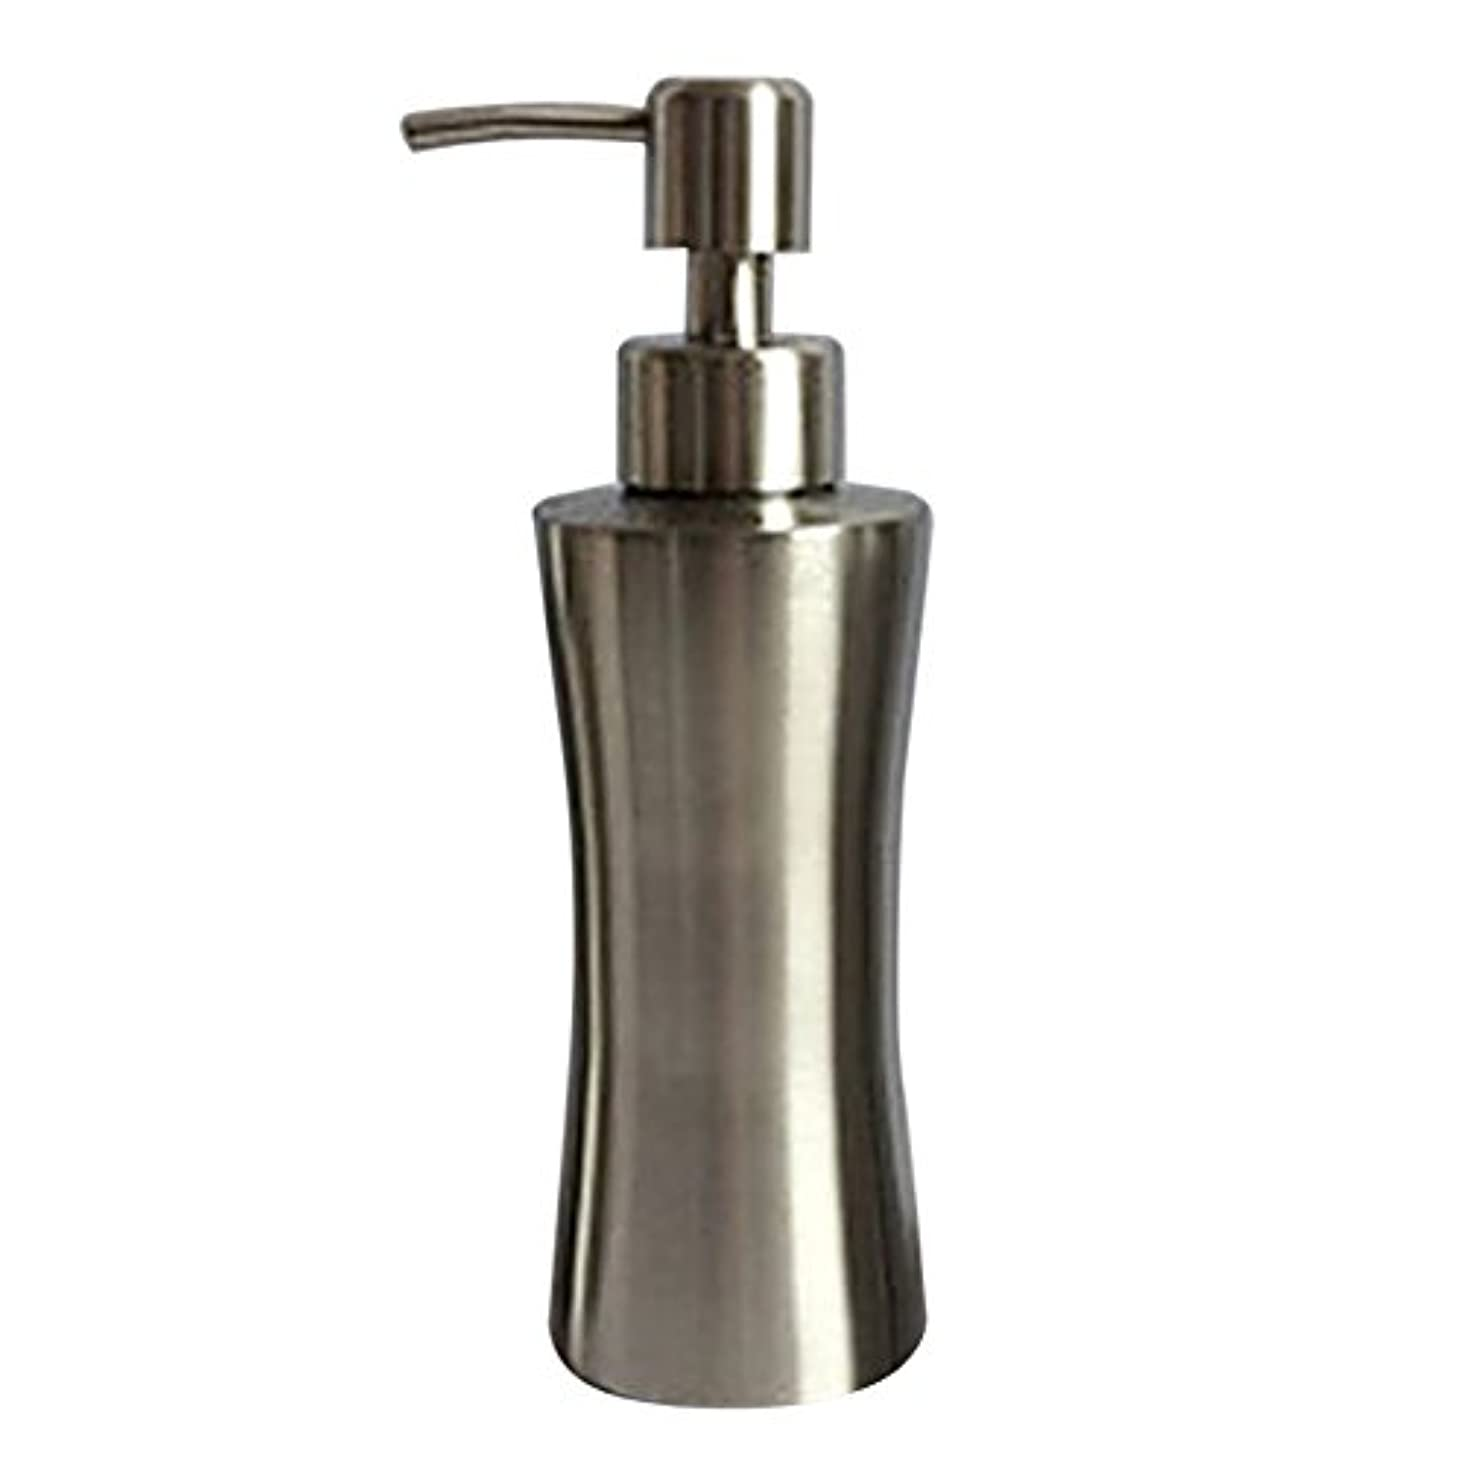 誕生蒸発砂ディスペンサー ステンレス ボトル 容器 ソープ 石鹸 シャンプー 手洗いボトル 耐久性 錆びない 220ml/250ml/400ml (B:250ml)